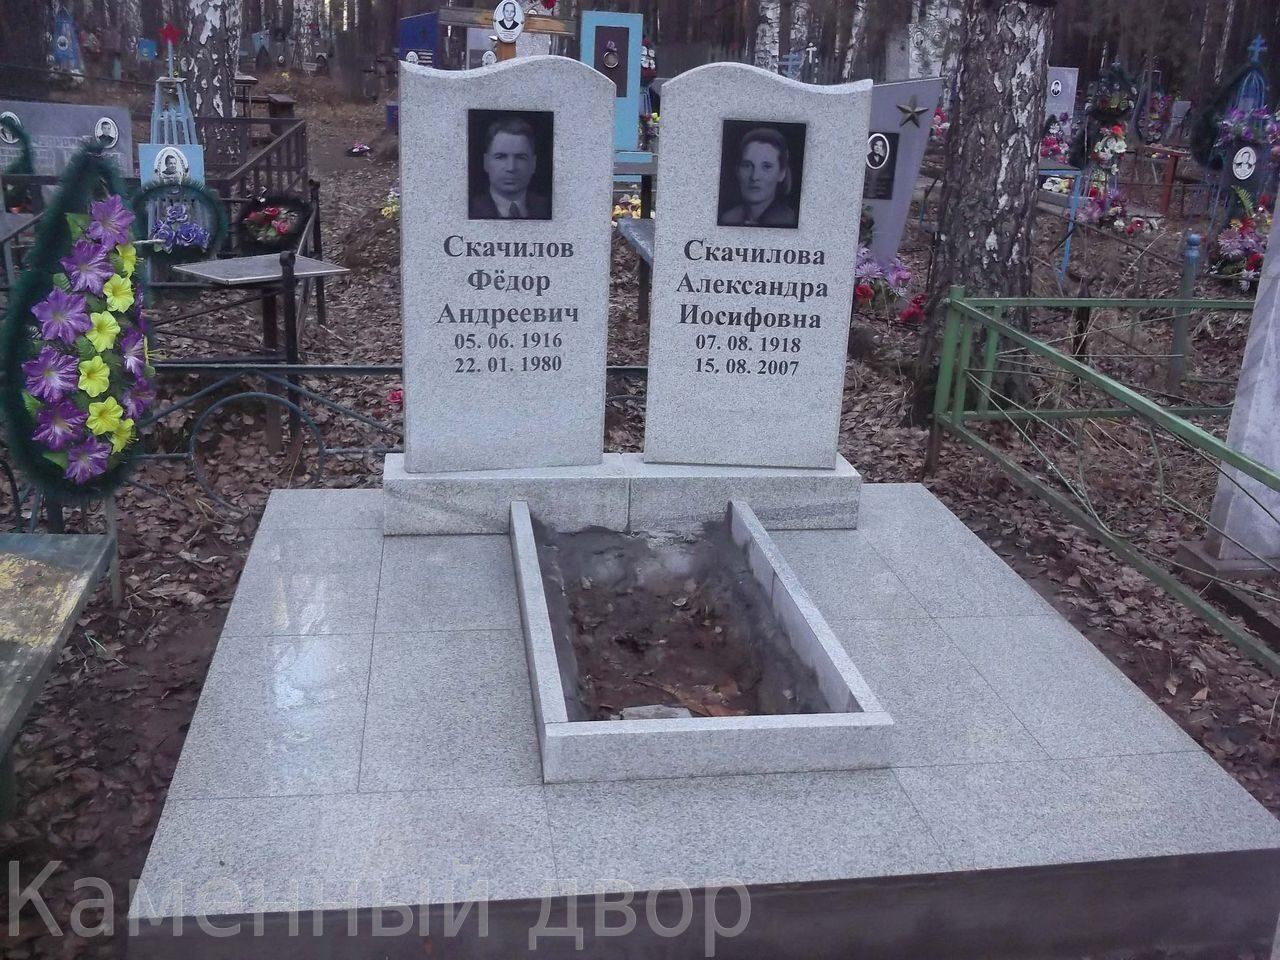 Гранитные памятники фото и цены фото г екатеринбург заказать памятники нижний новгород ритуал